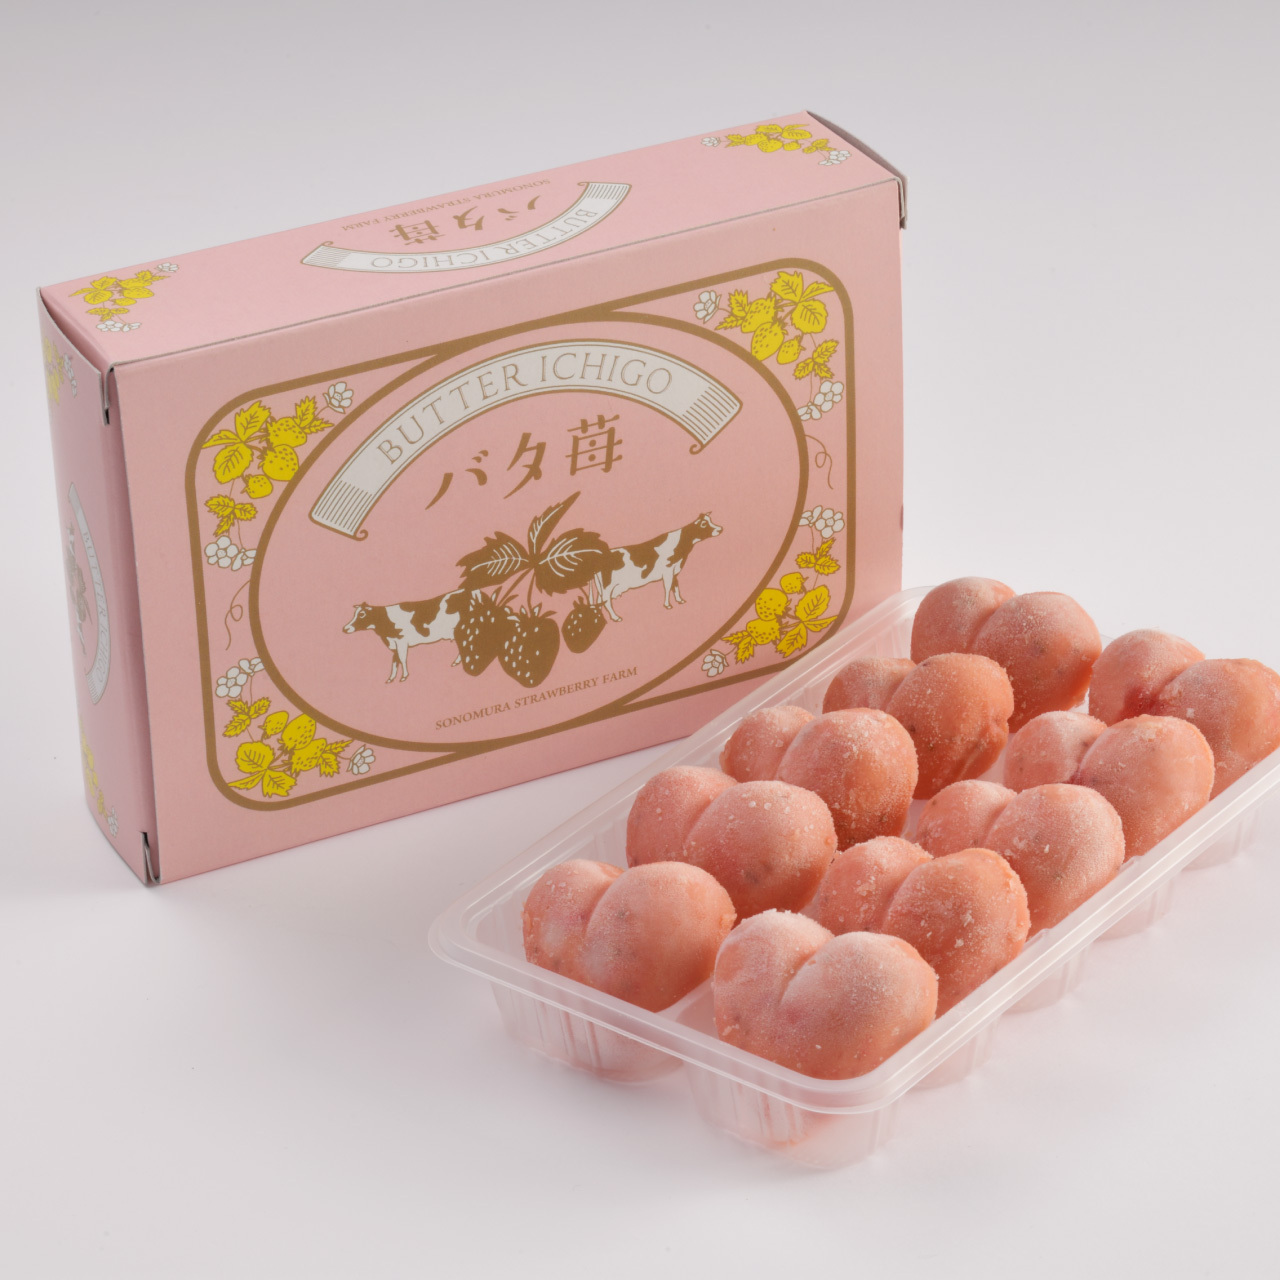 冷凍いちごバター 「バタ苺」10個入り